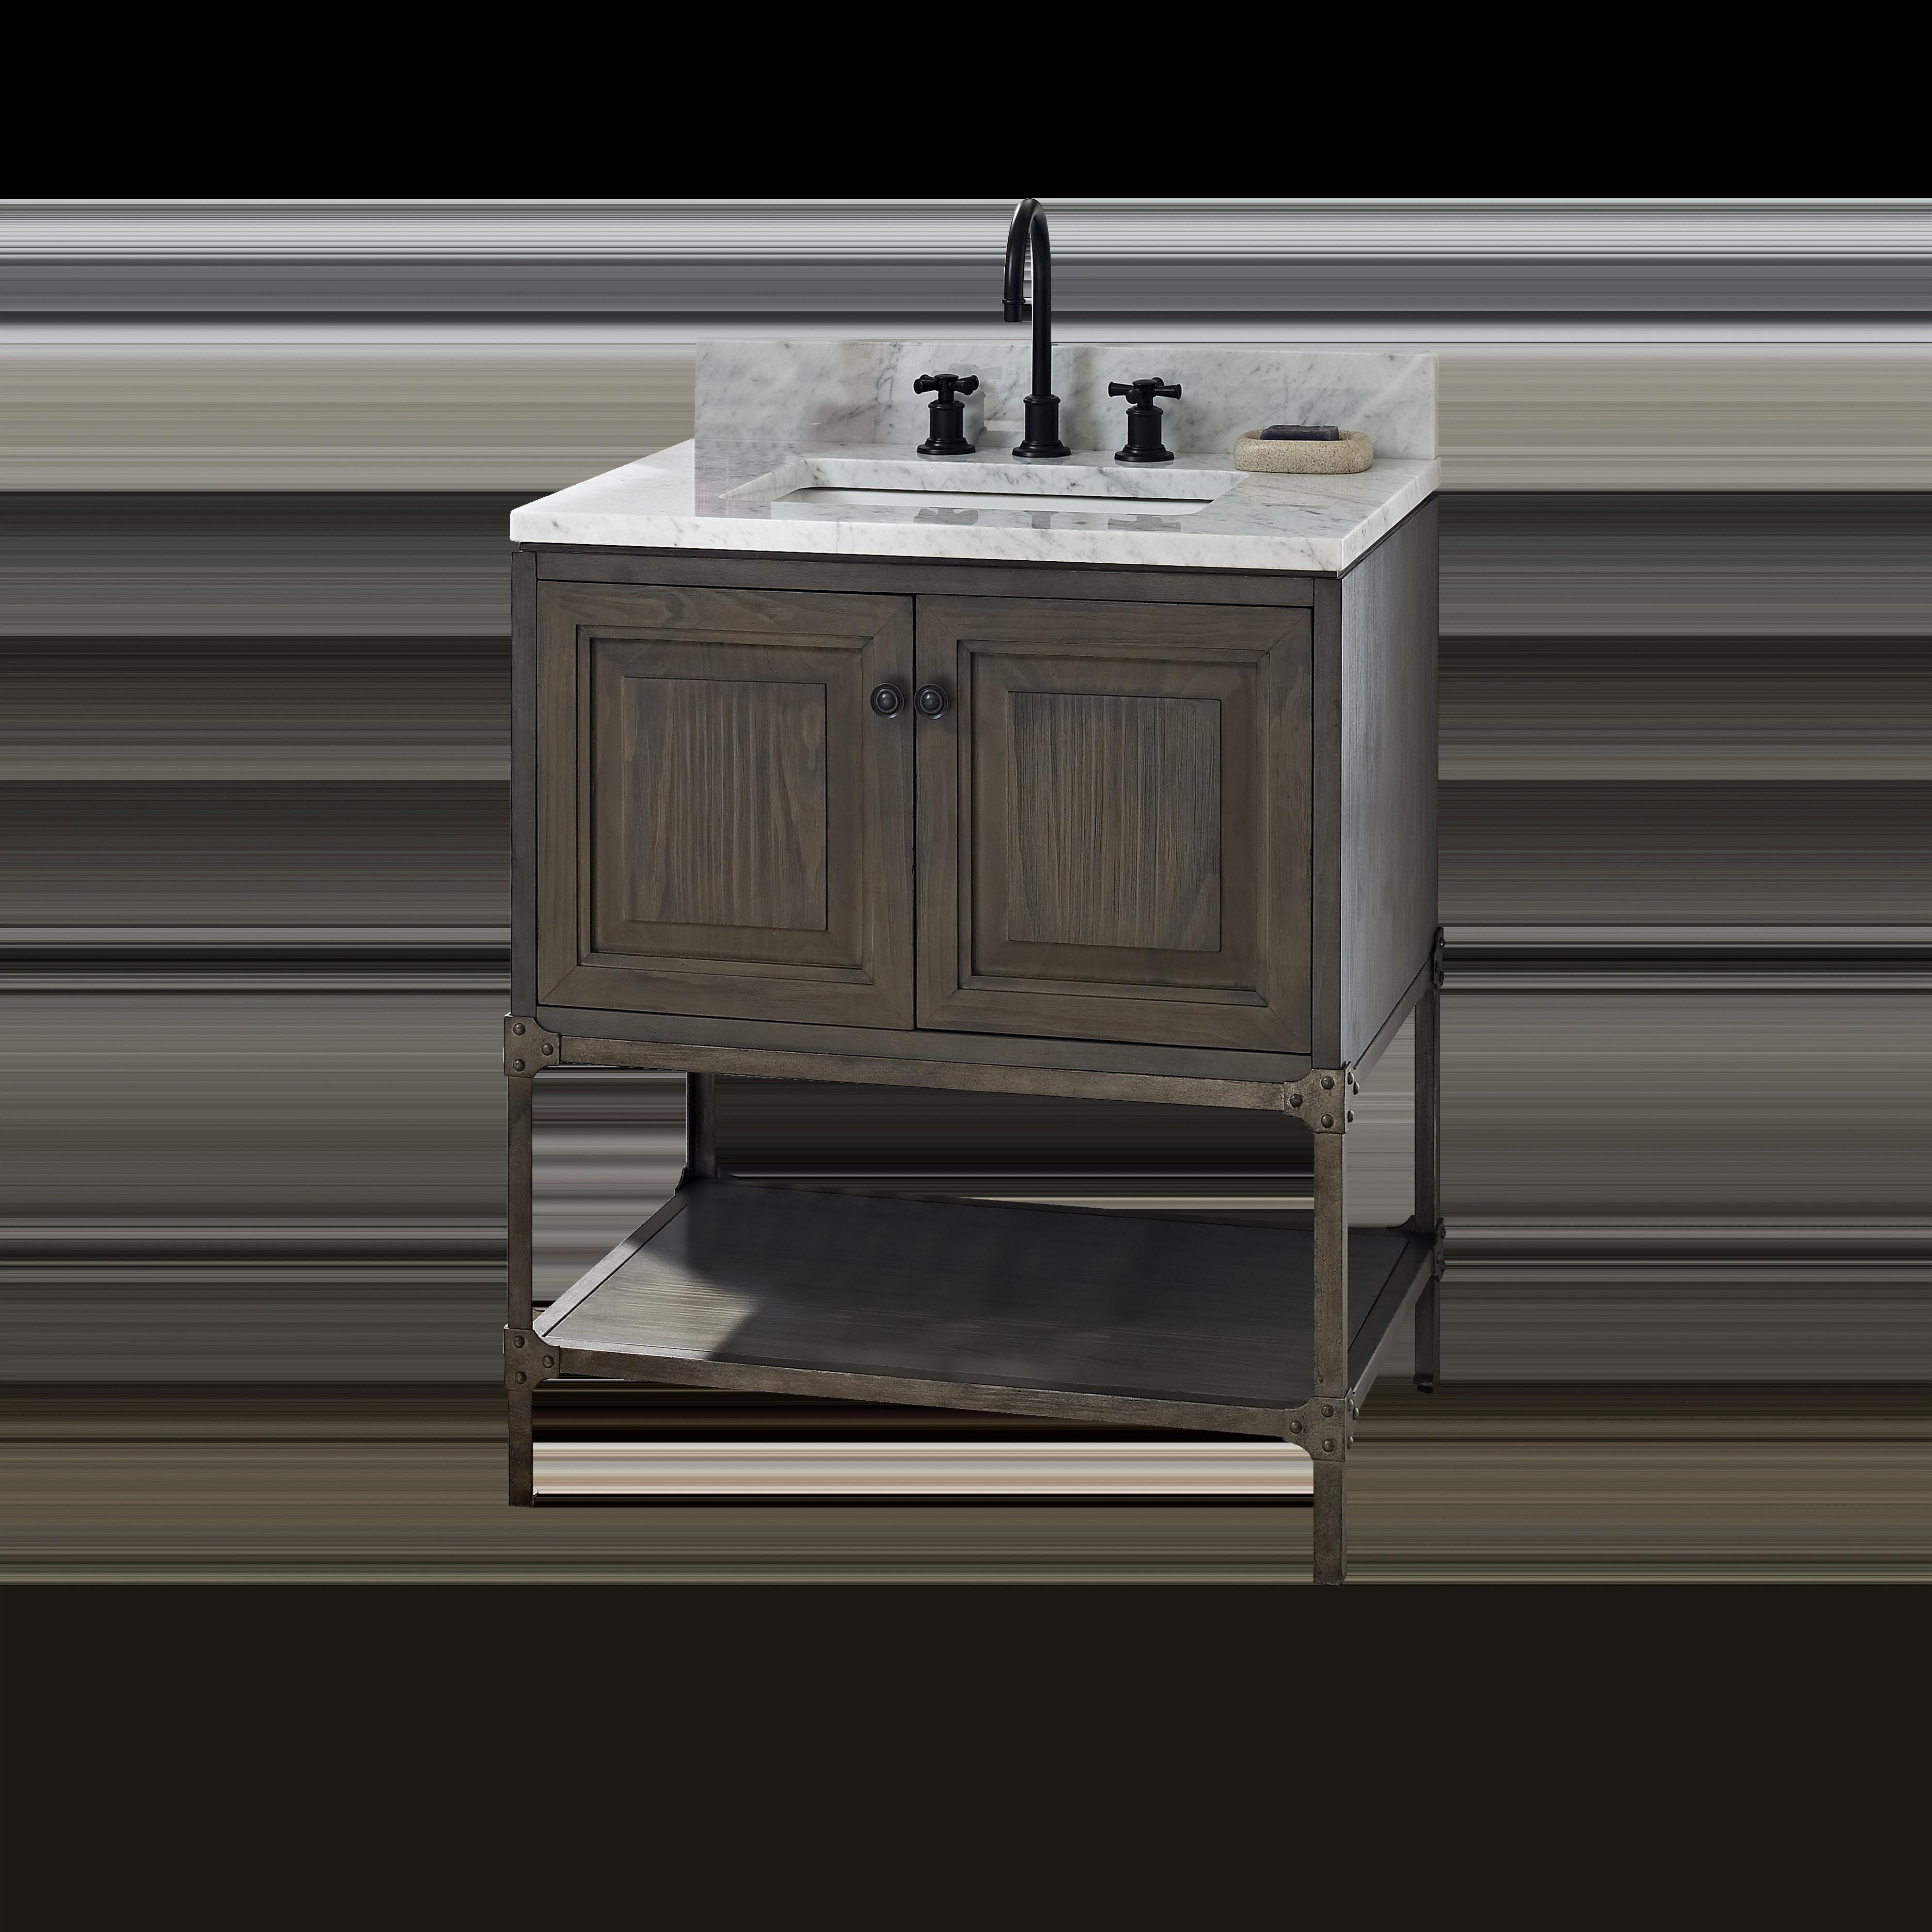 Fairmont Designs 1401-30 Toledo Vanity | QualityBath.com